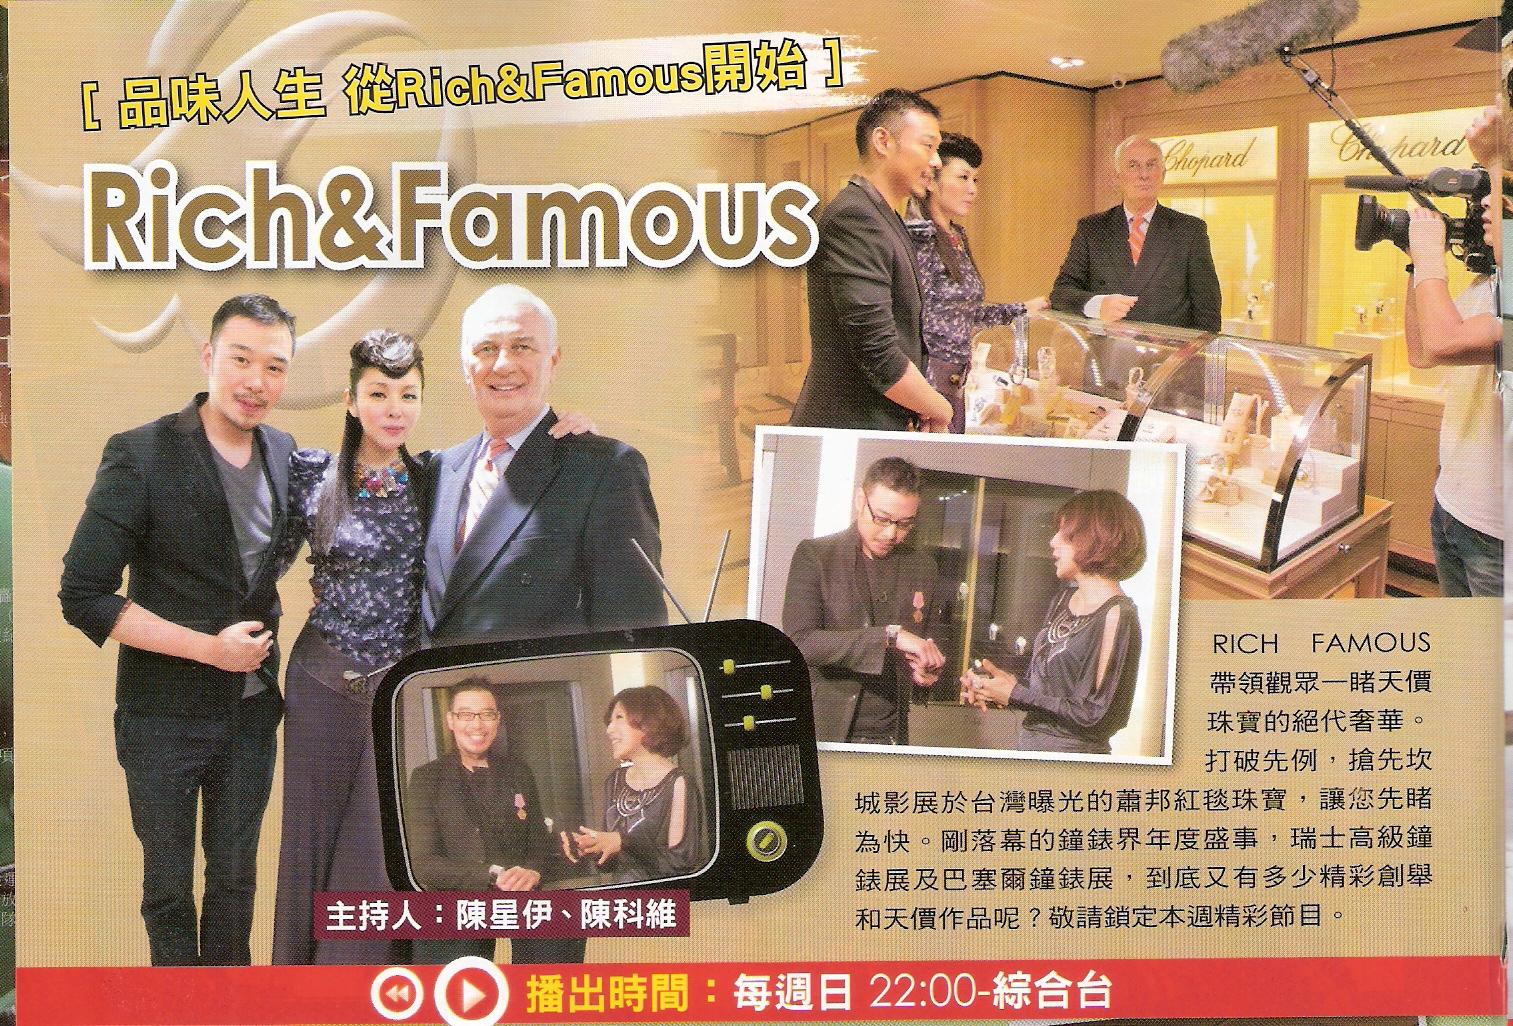 壹週刊521期2011年5月19日